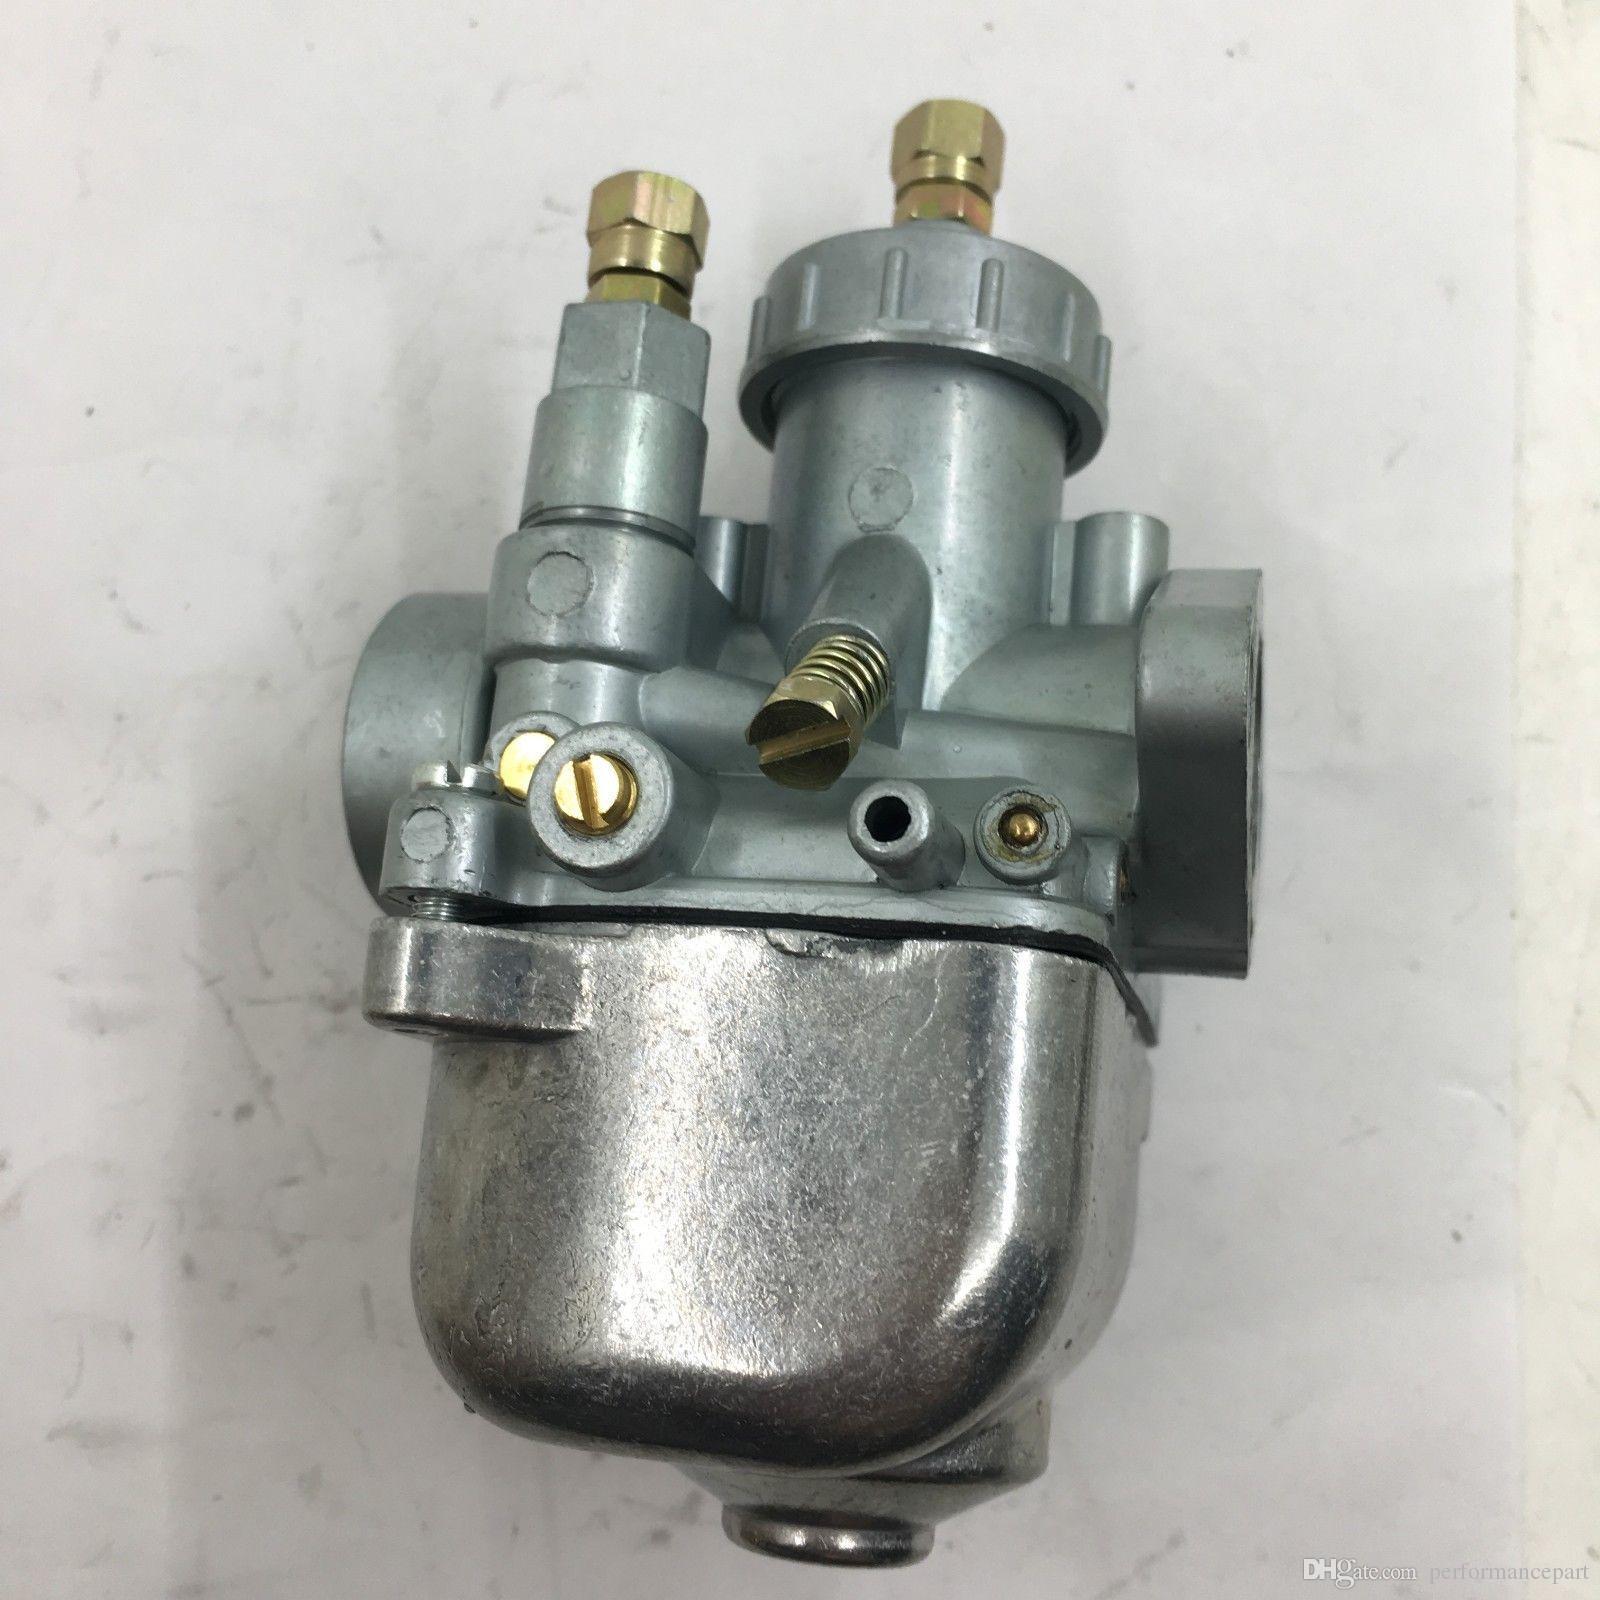 SR80 KR51//1 Rennvergaser BVF 19N1-12 SR50 KR51//2